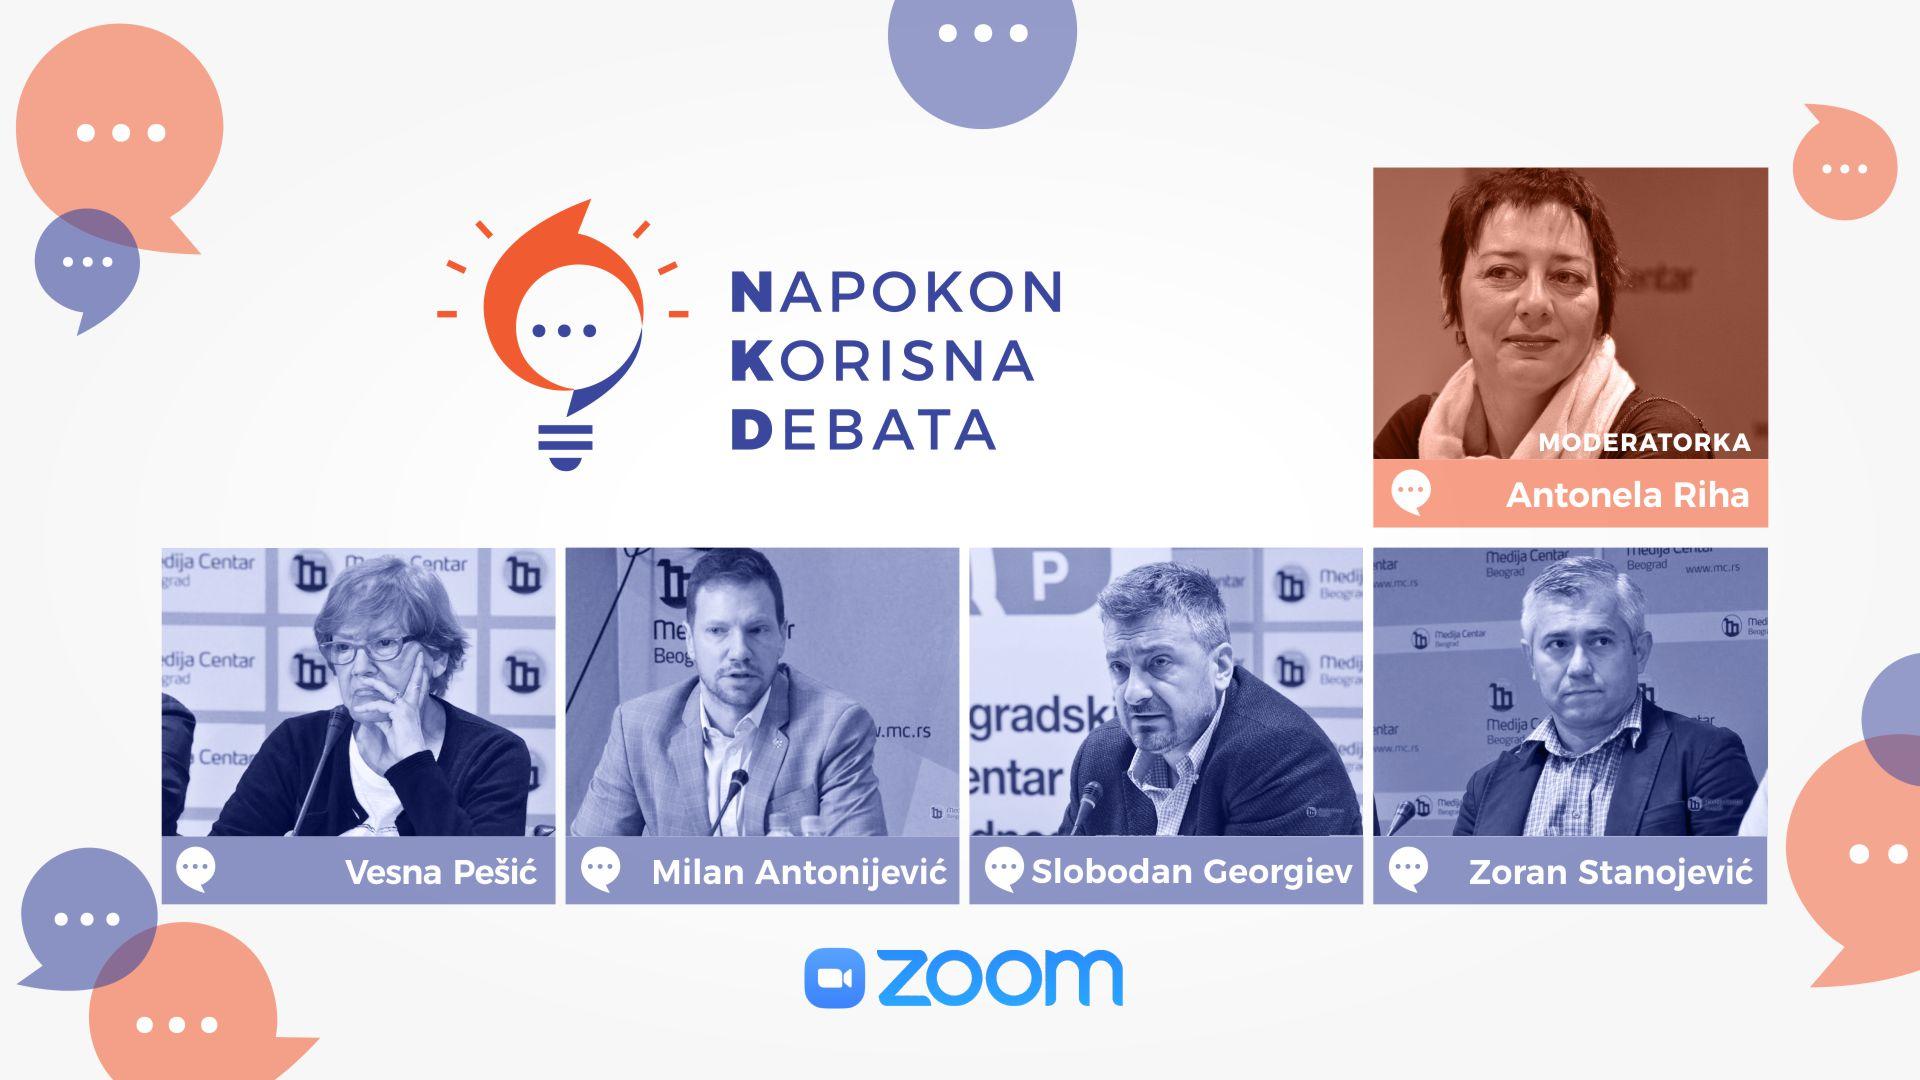 Napokon Korisna Debata: Demokratija i društvene mreže